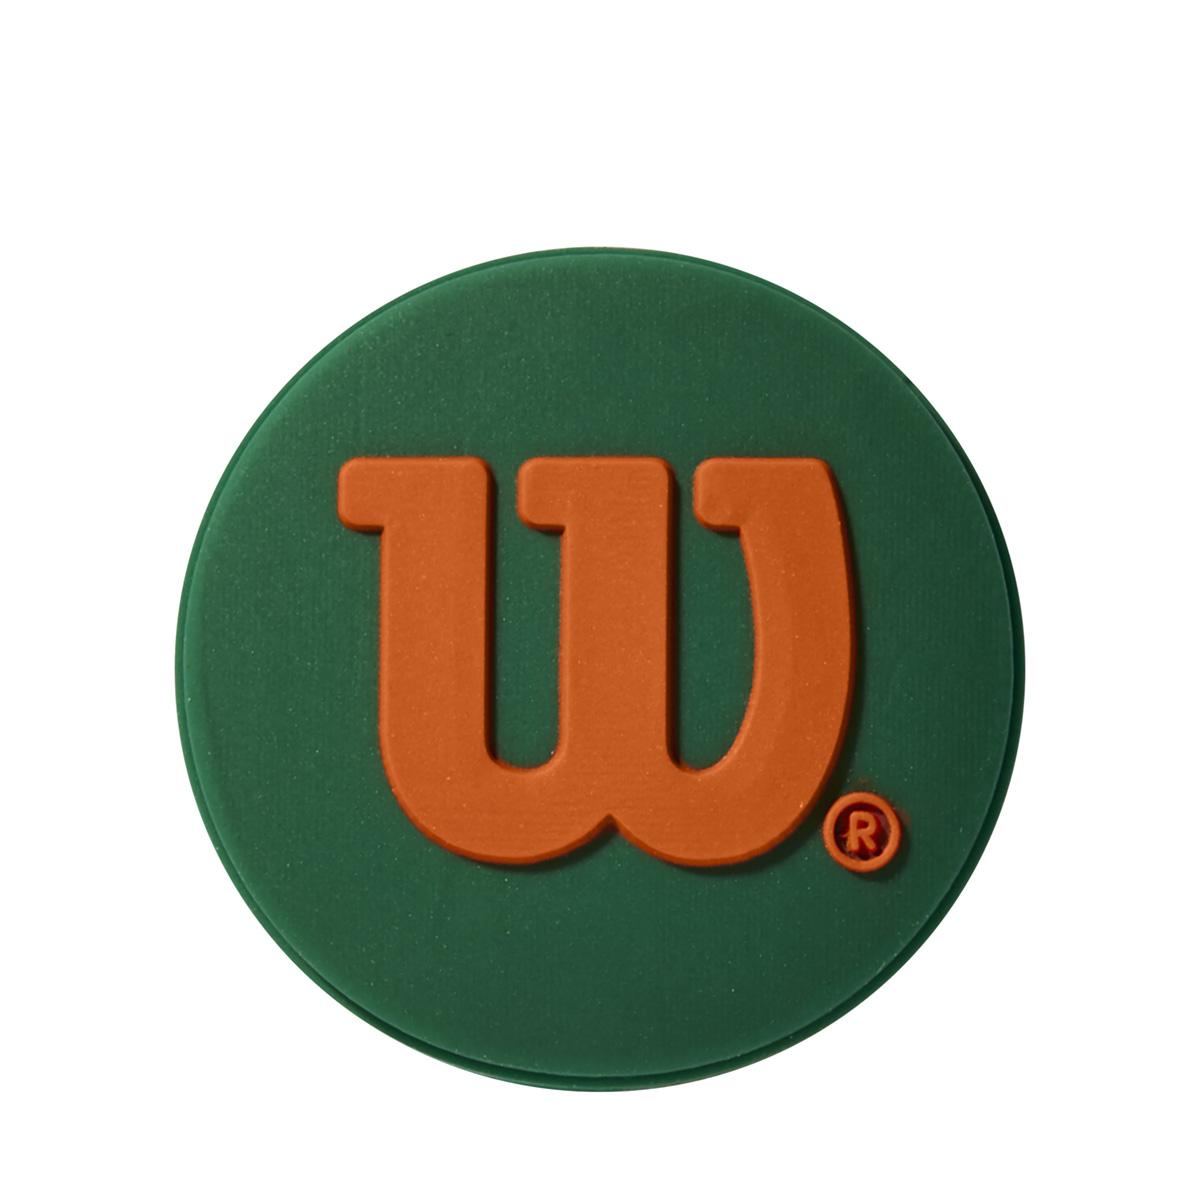 WR8402001_1_Roland_Garros_Vibration_Dampener_W_OR_GR